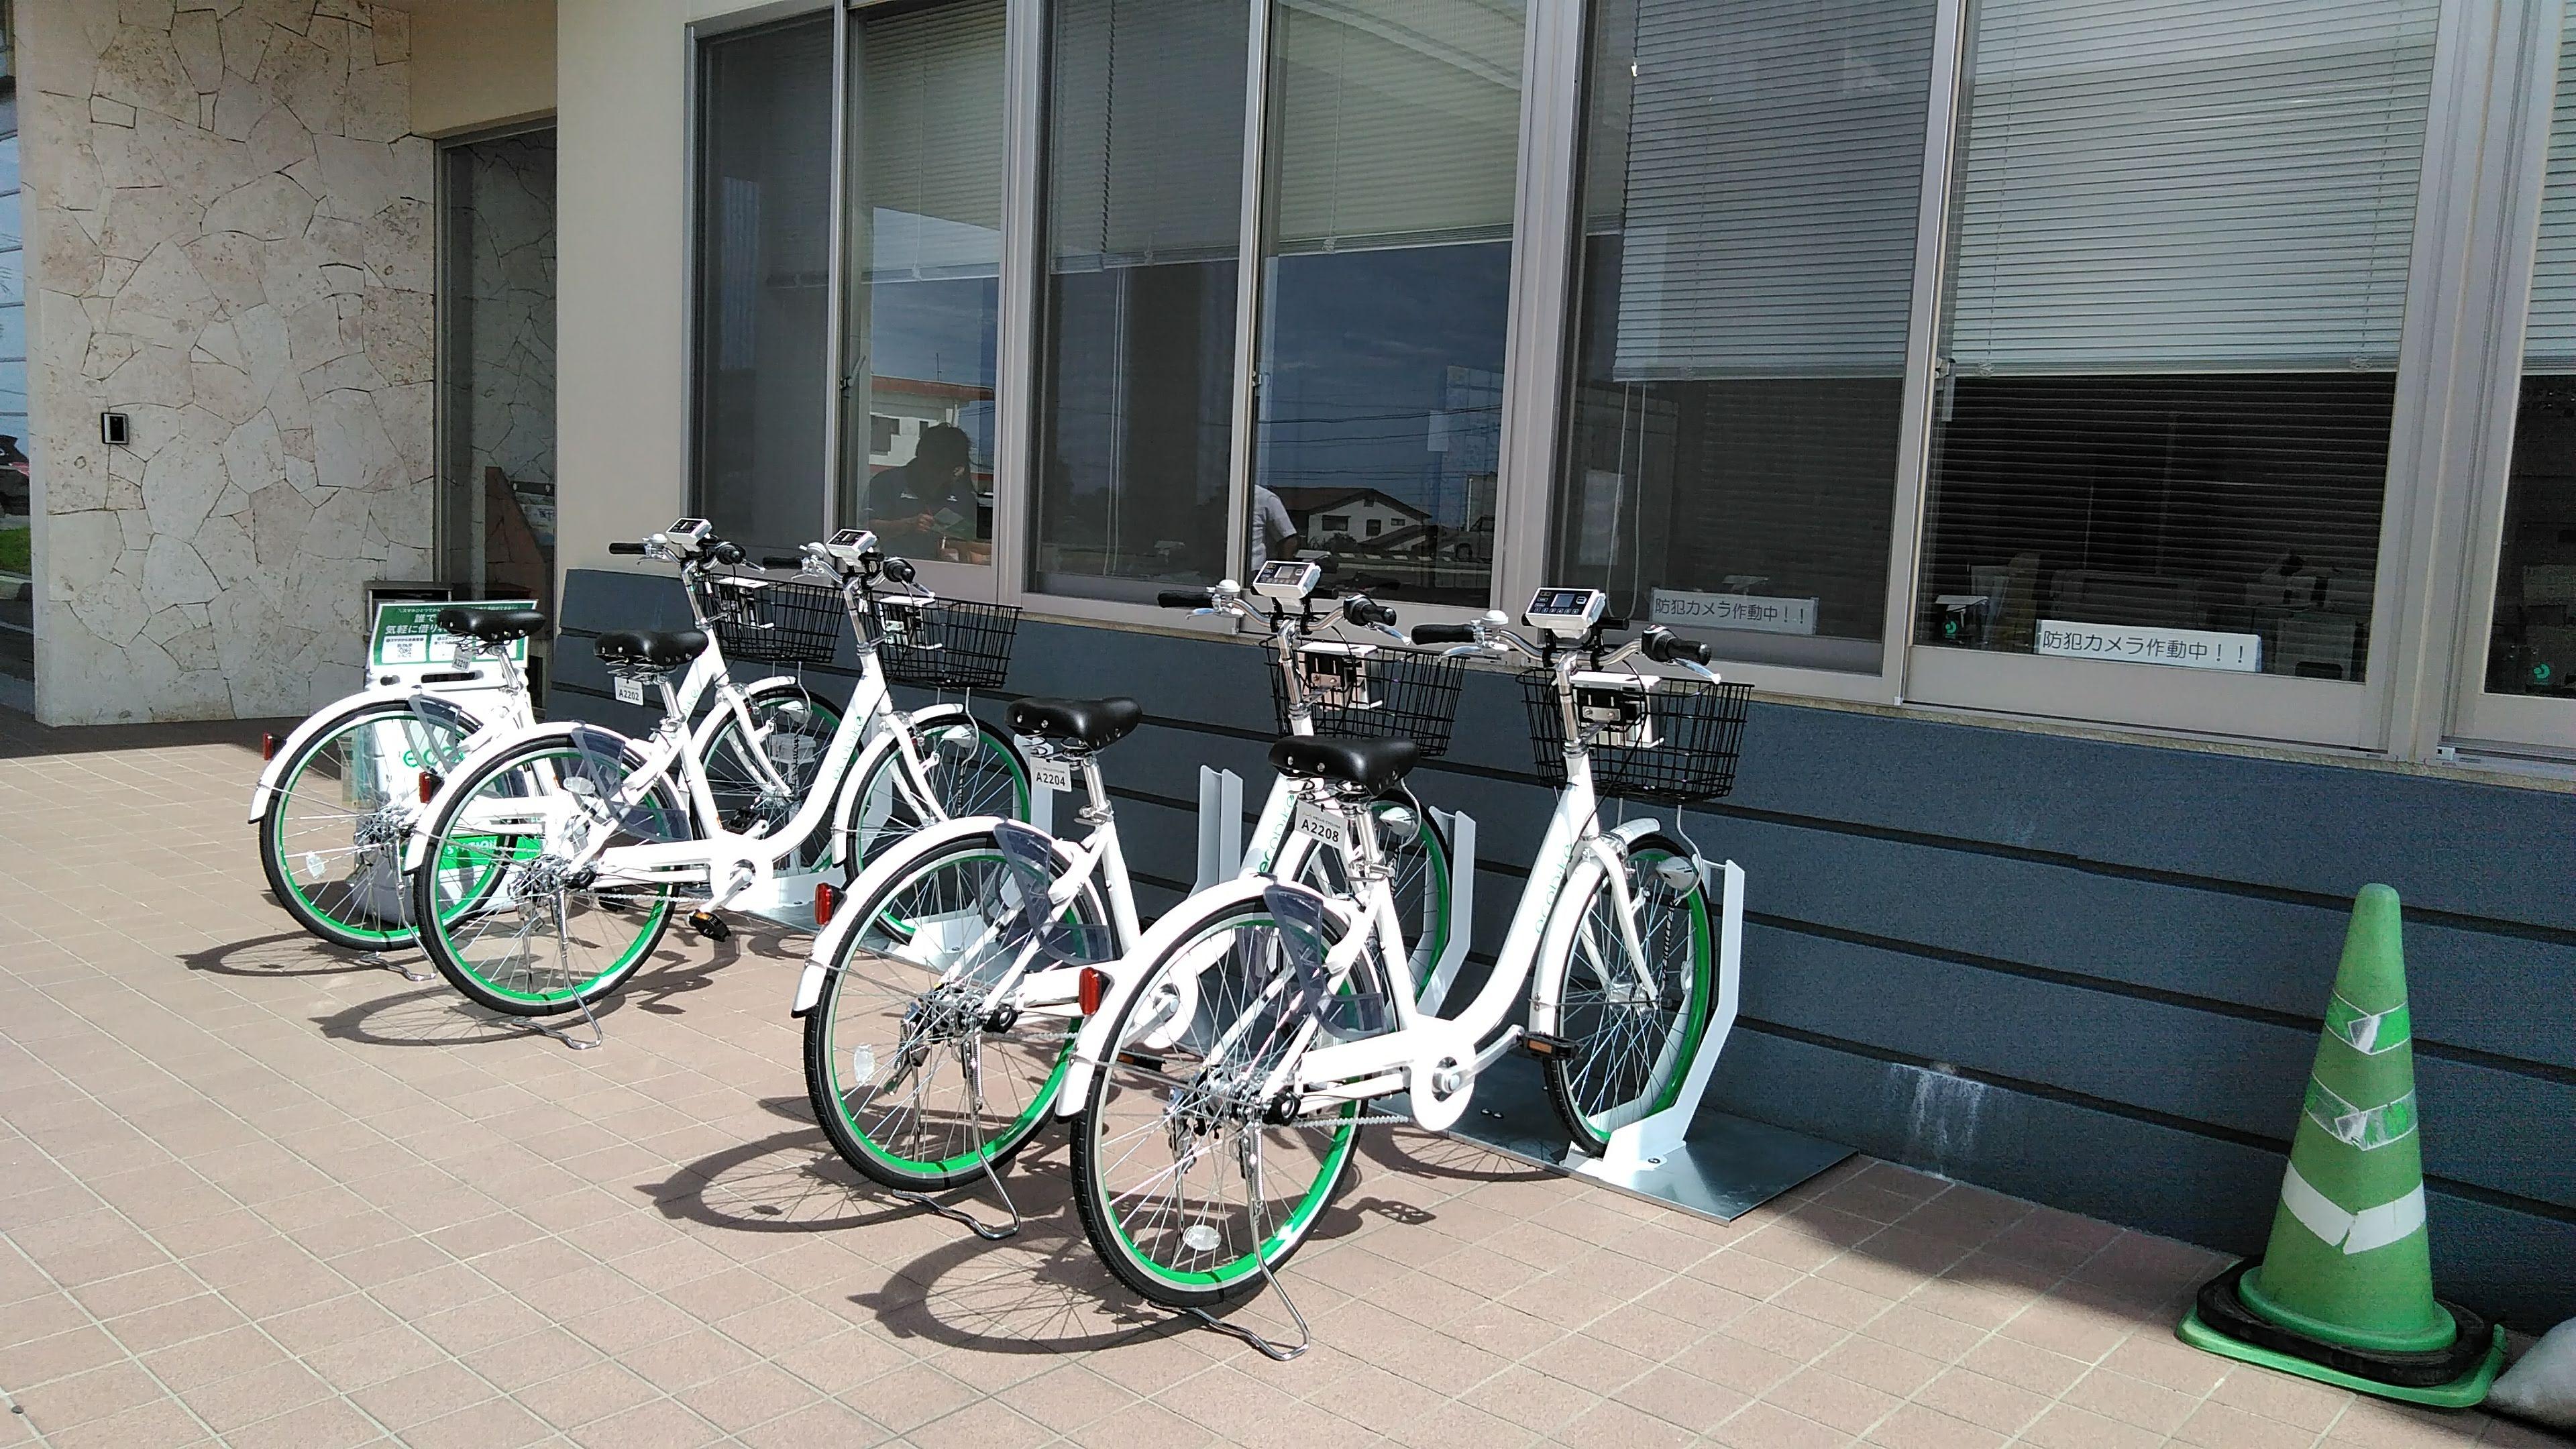 天城町防災センター (HELLO CYCLING ポート) image